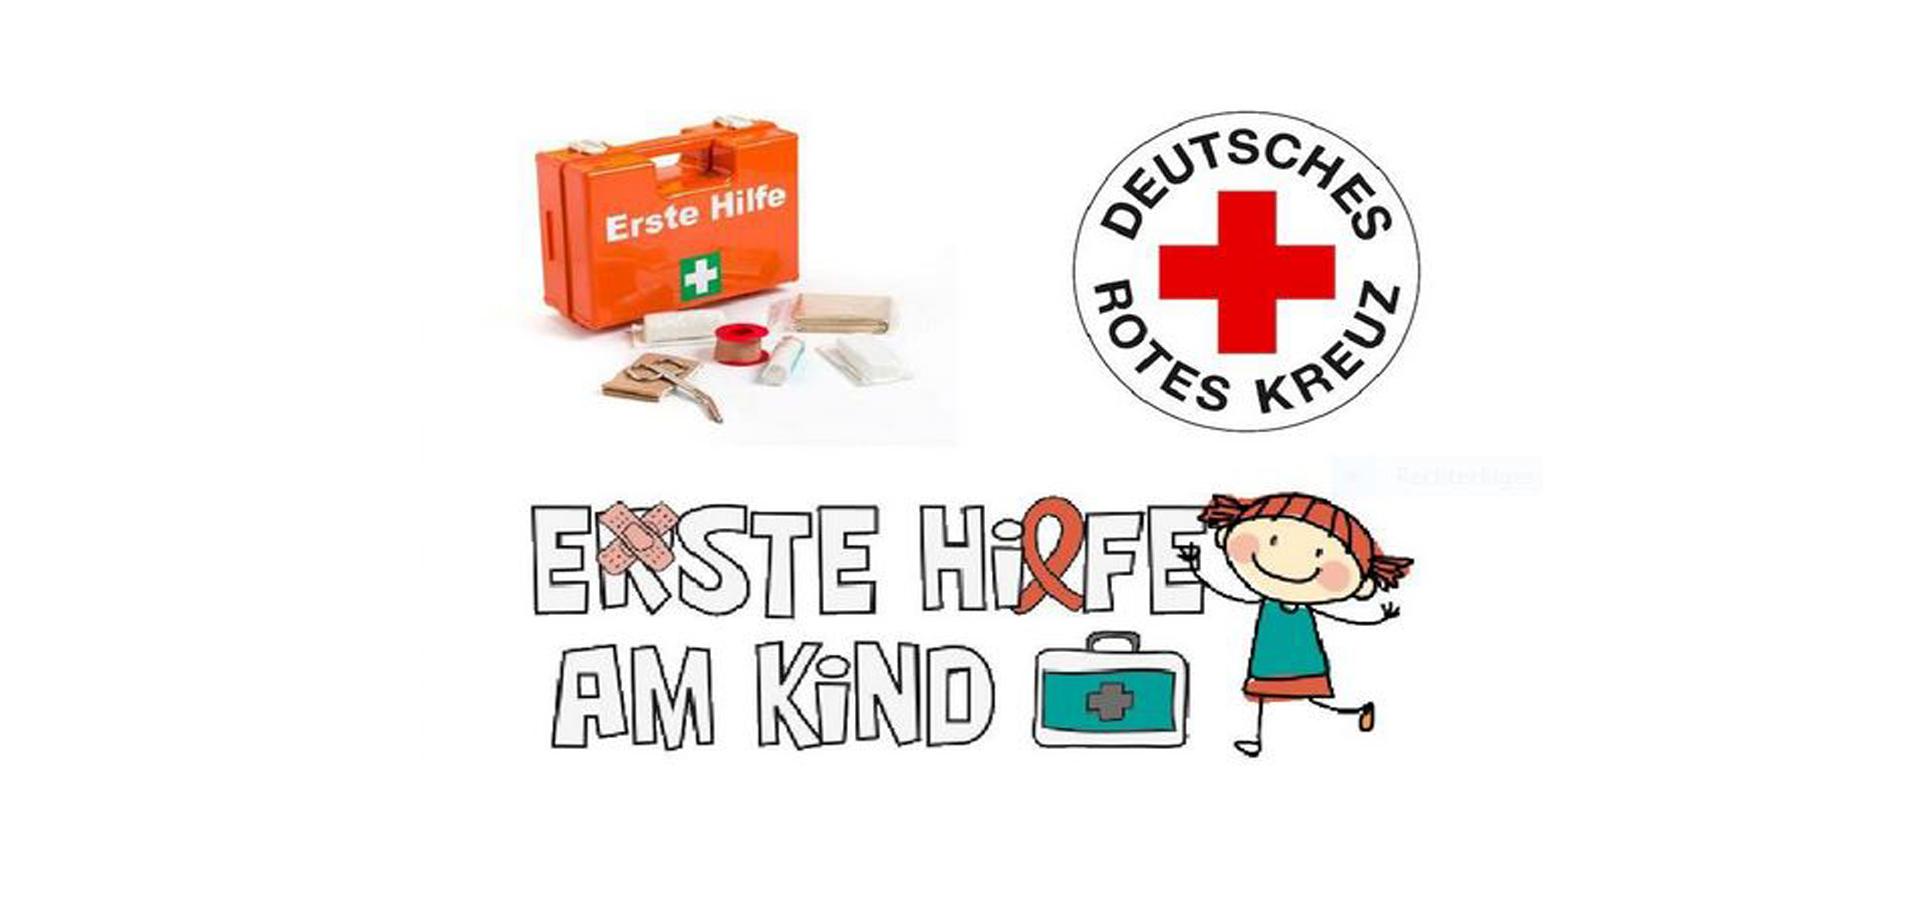 Erste Hilfe am Kind - unterstützt vom EV und dem Roten Kreuz